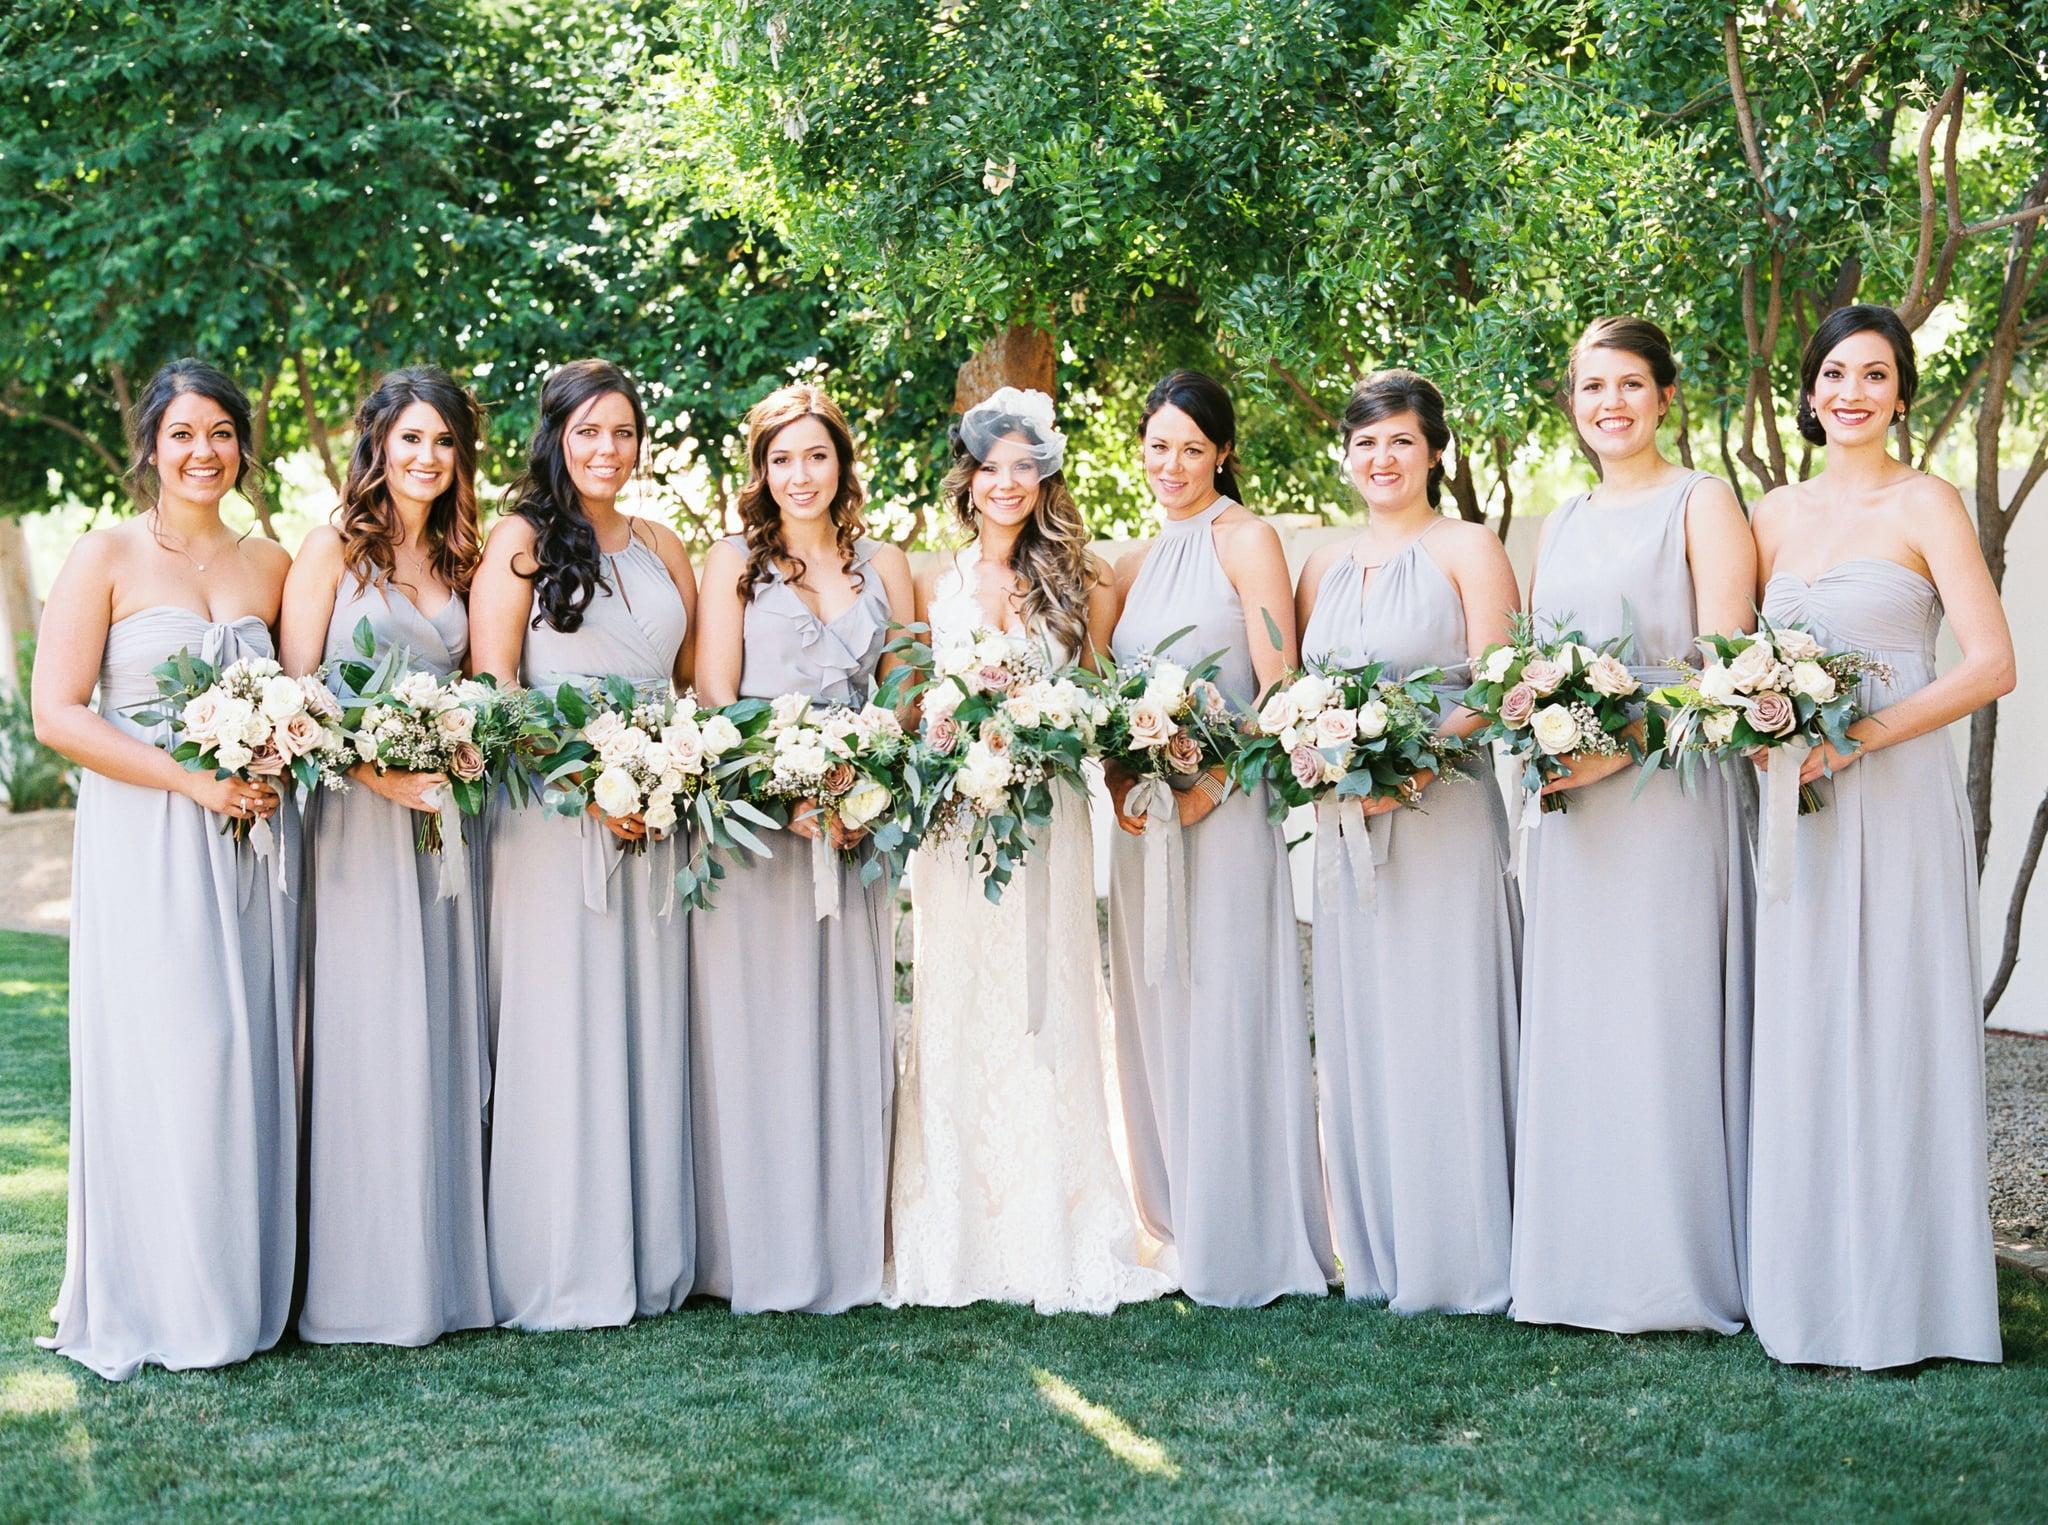 3f51187fcb7 Bridesmaid Dress Shopping Tips